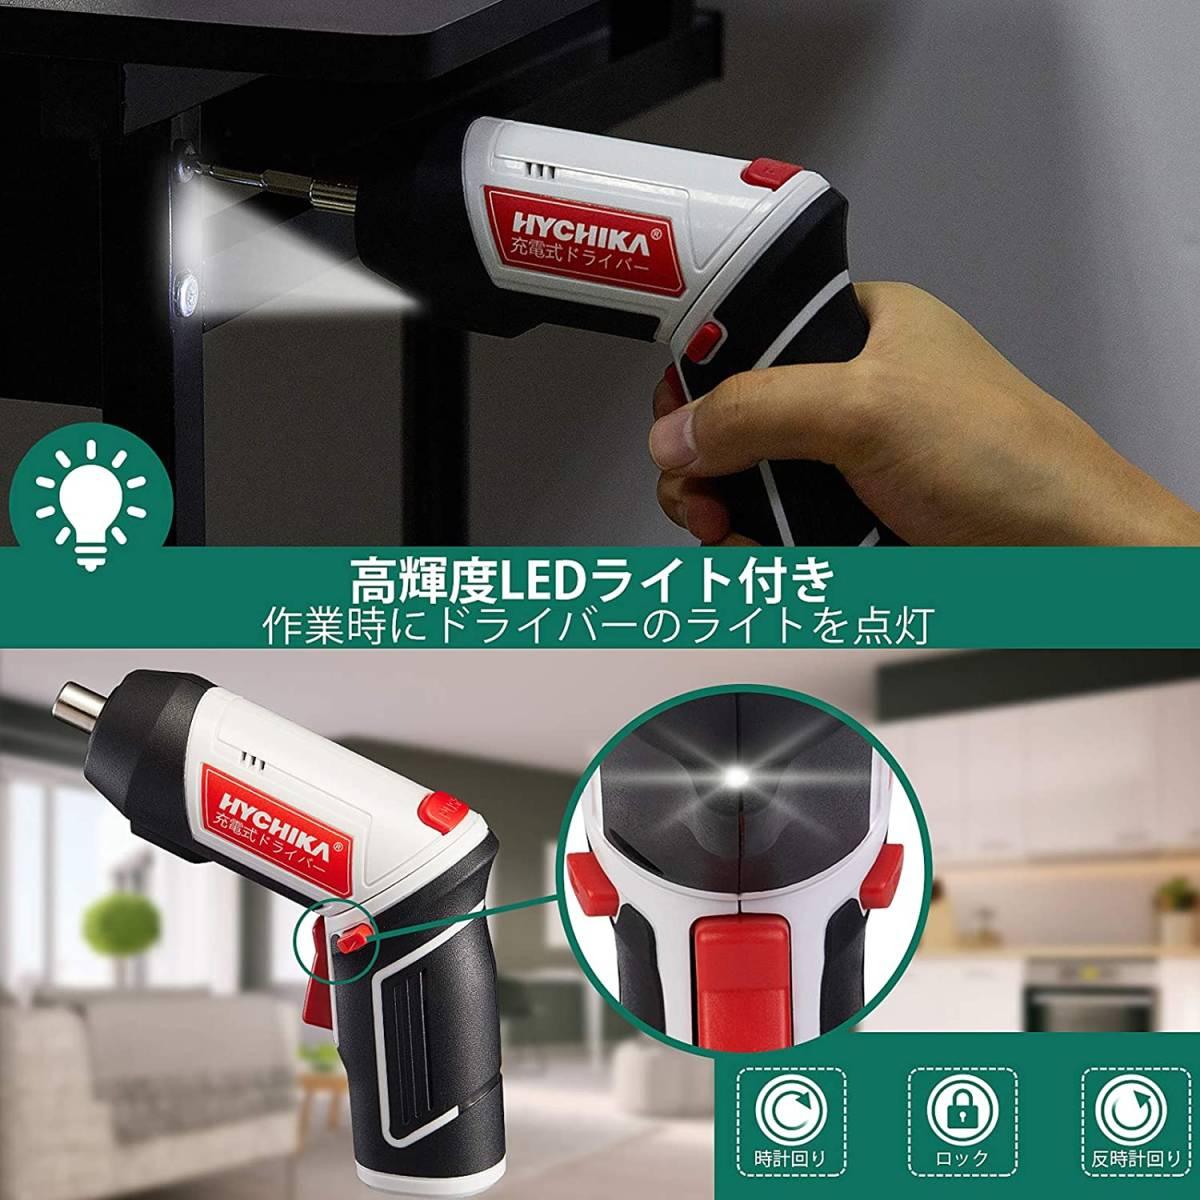 電動ドライバー HYCHIKA(ハイチカ) 充電式ドライバーセット トルク6Nm 3.6V2.0Ah大容量 正逆転切り替え LEDライト 充電器付き 20本ビット_画像4